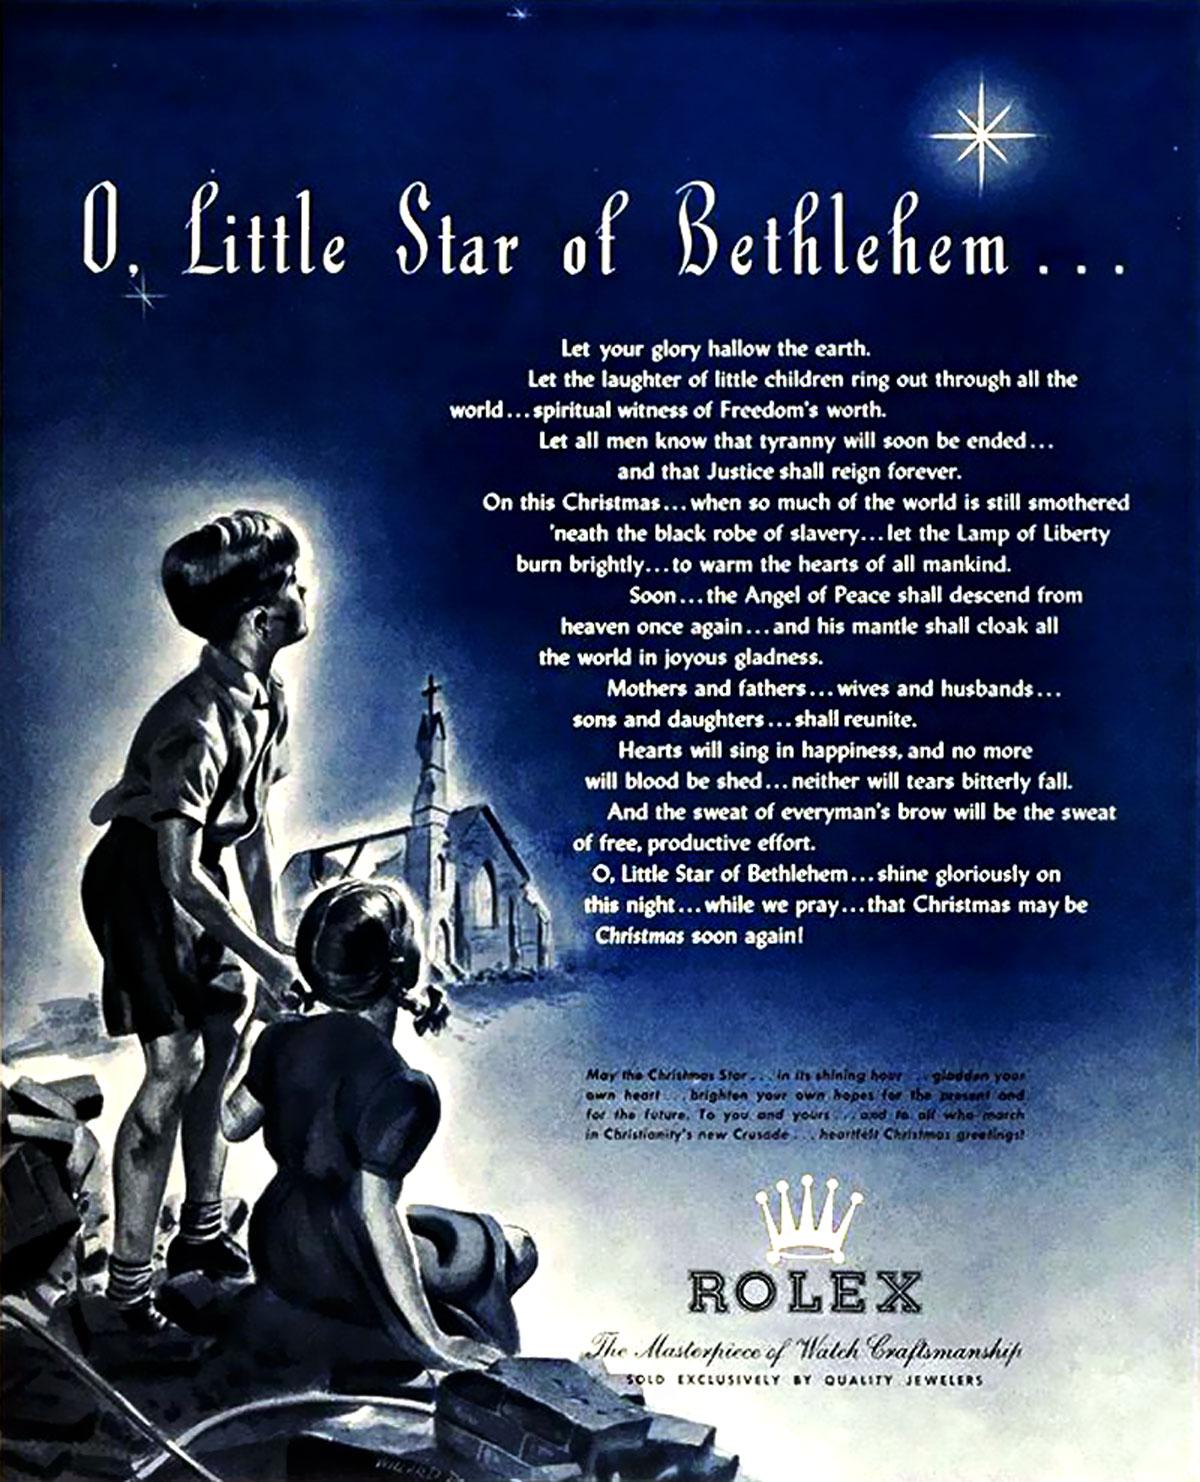 Photo Rolexmagazine.com